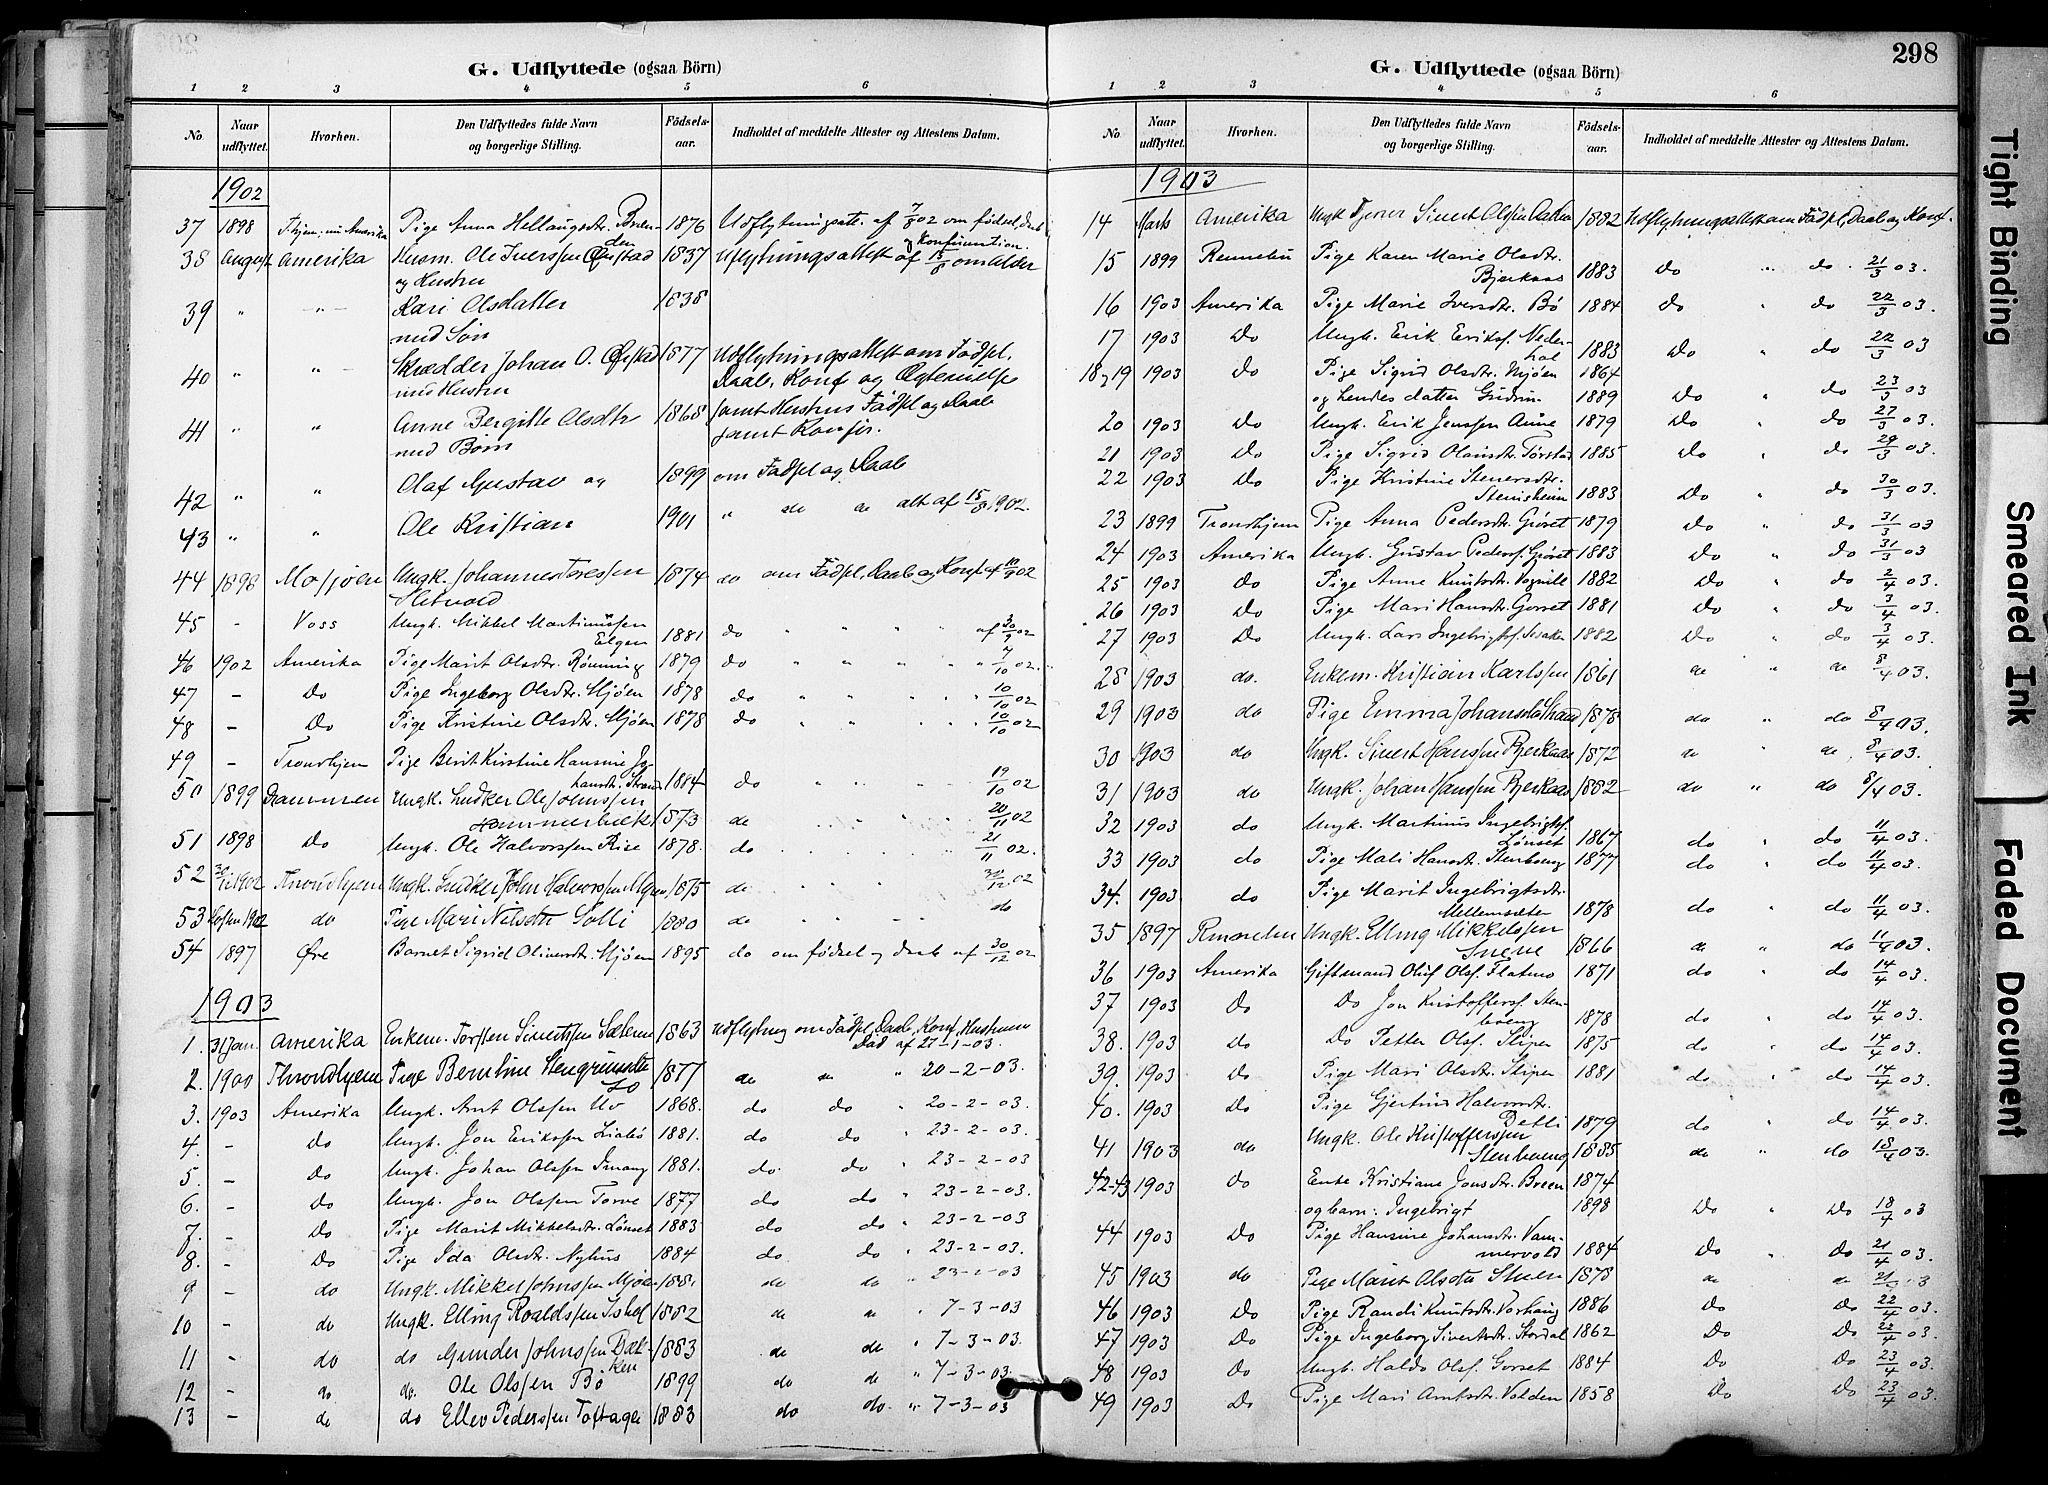 SAT, Ministerialprotokoller, klokkerbøker og fødselsregistre - Sør-Trøndelag, 678/L0902: Ministerialbok nr. 678A11, 1895-1911, s. 298